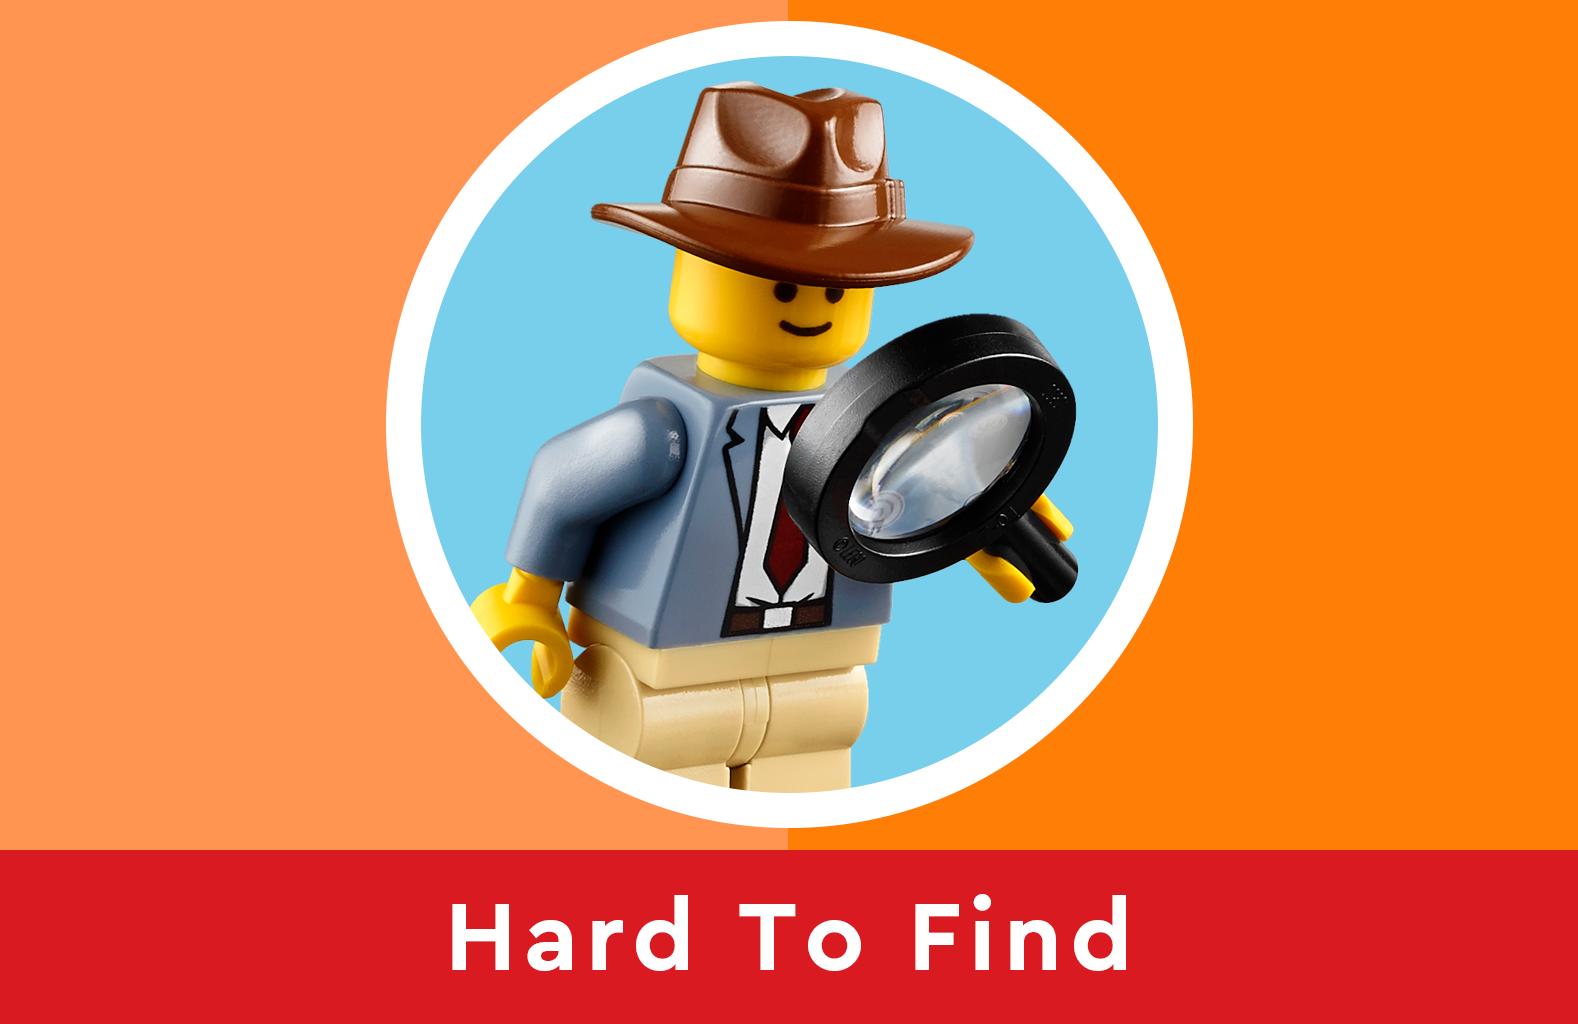 LEGO hard to find artikelen